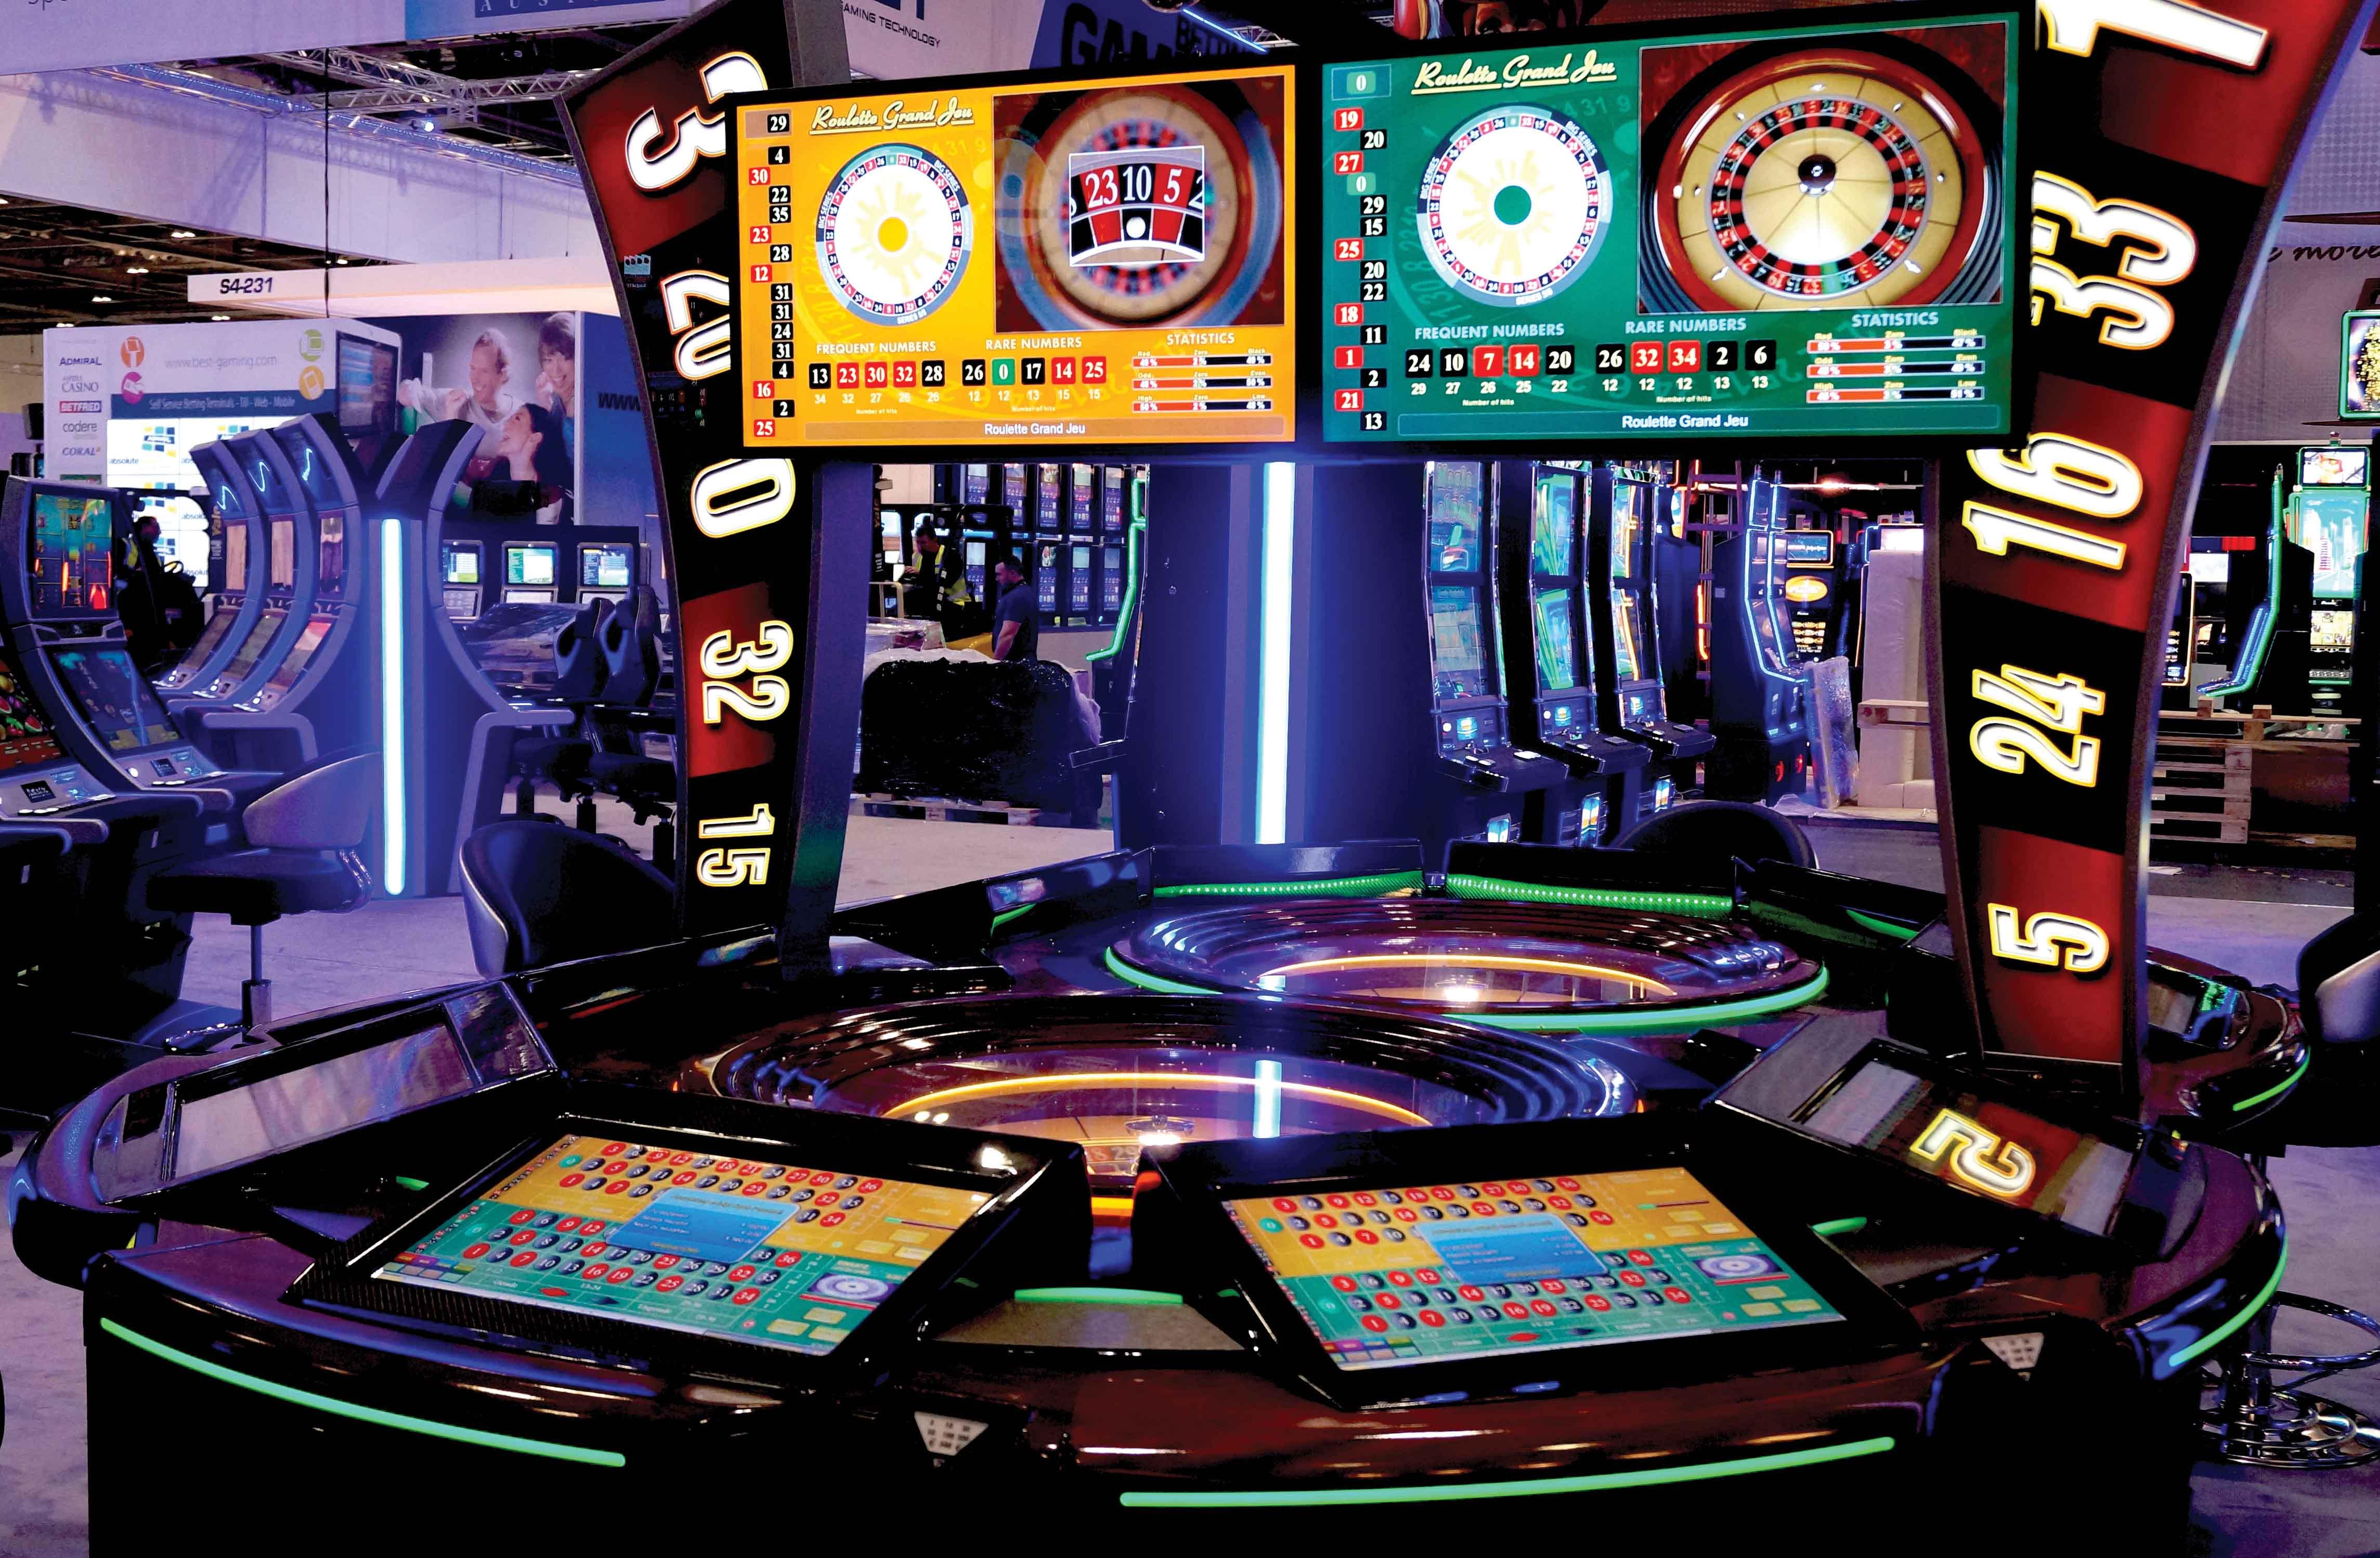 Рейтинг онлайн казино - лучшие ТОП 10 на реальные деньги по выплатам в России